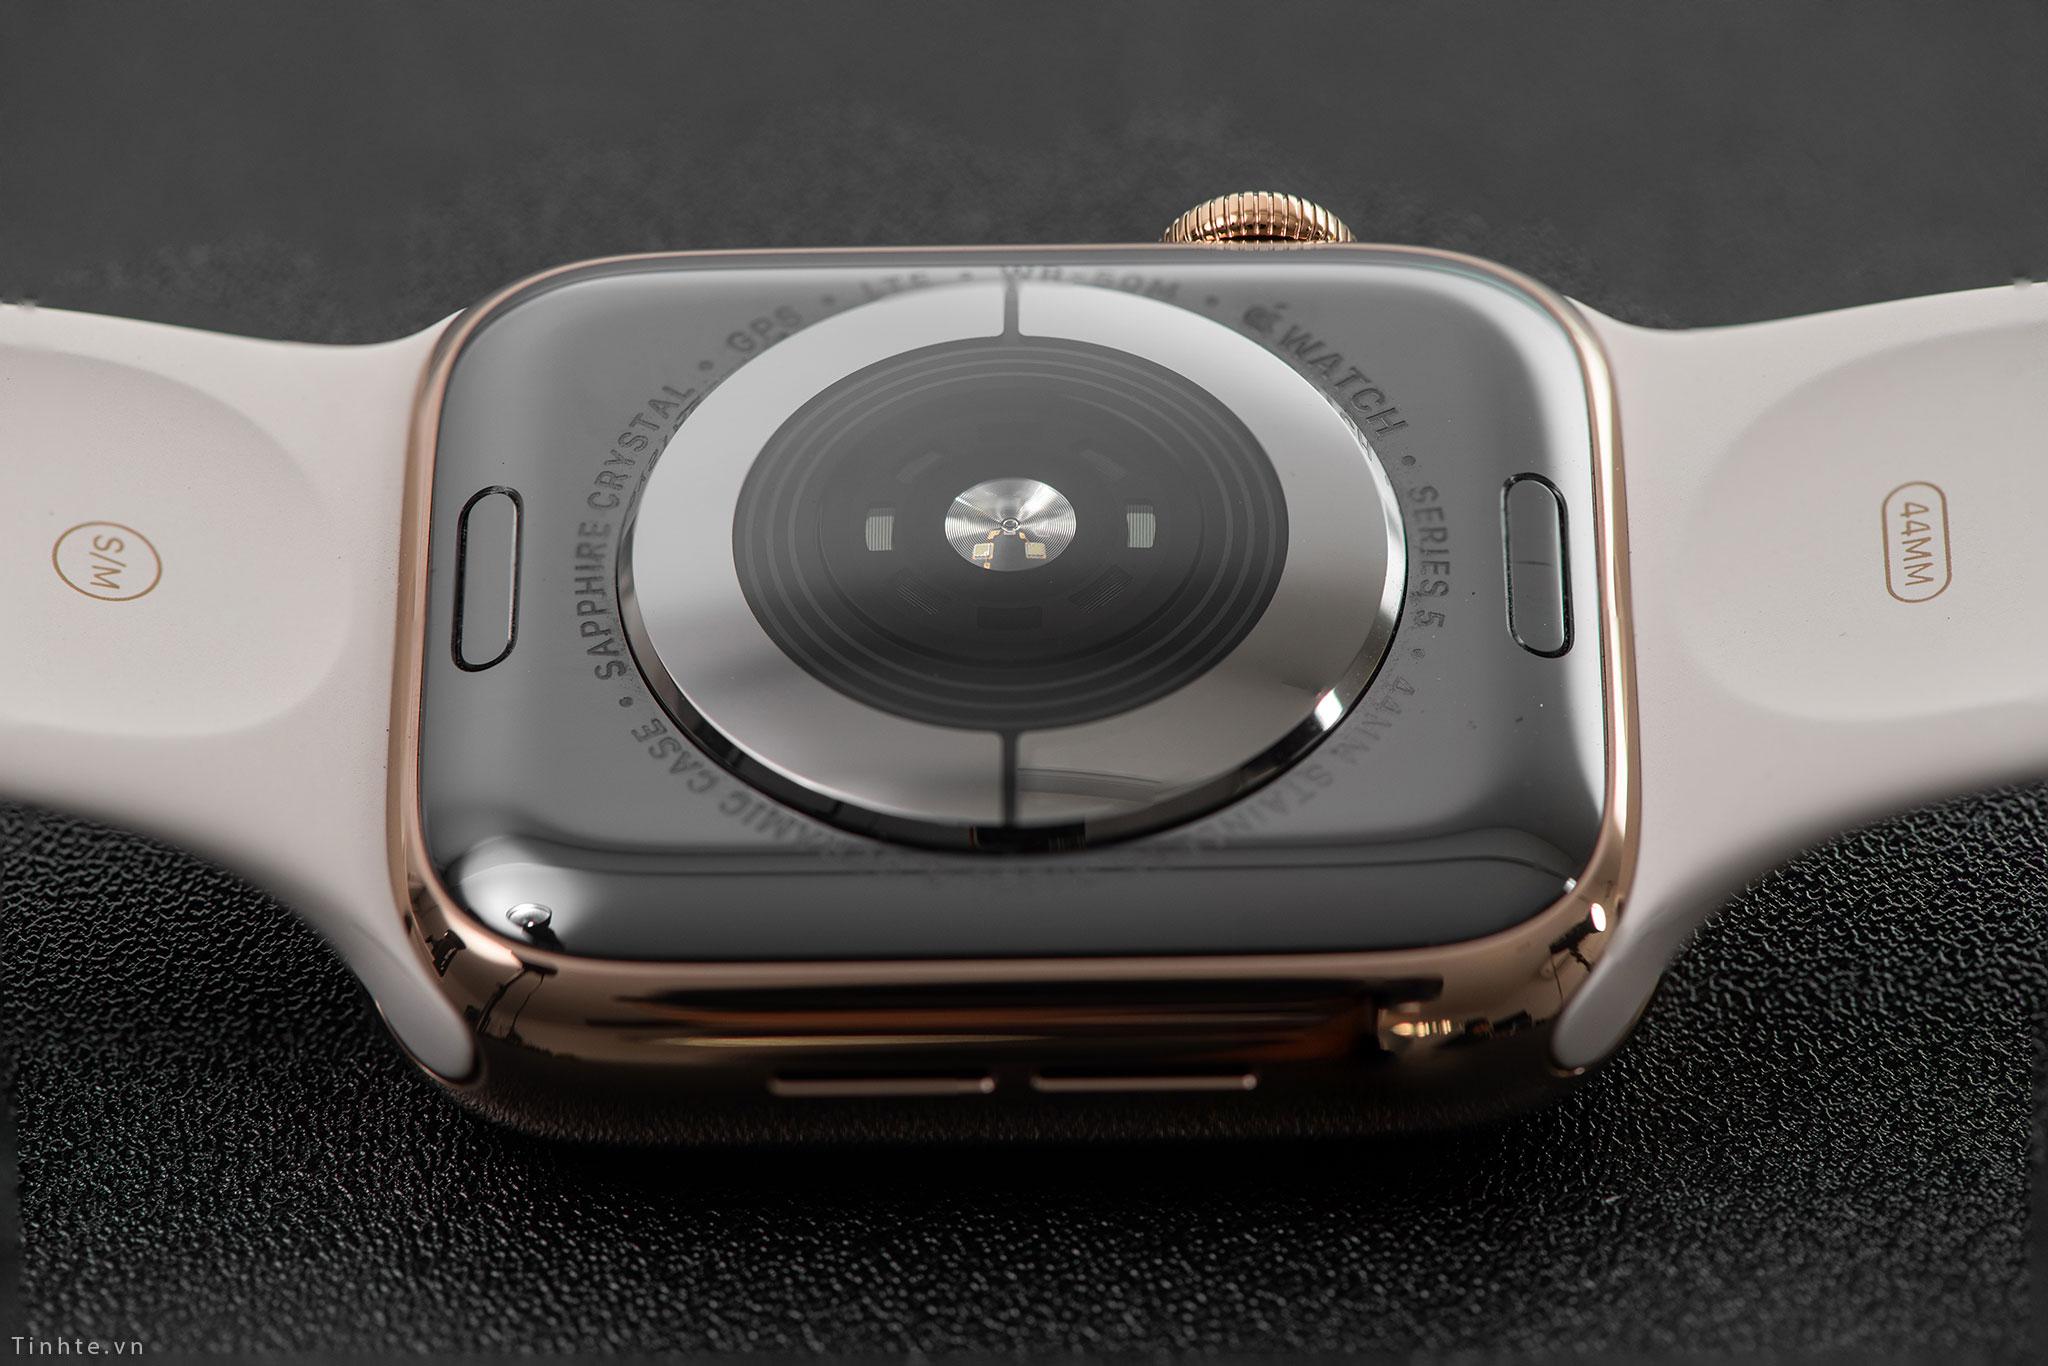 tinhte_apple_watch_series_5_stainless_steel_18.jpg